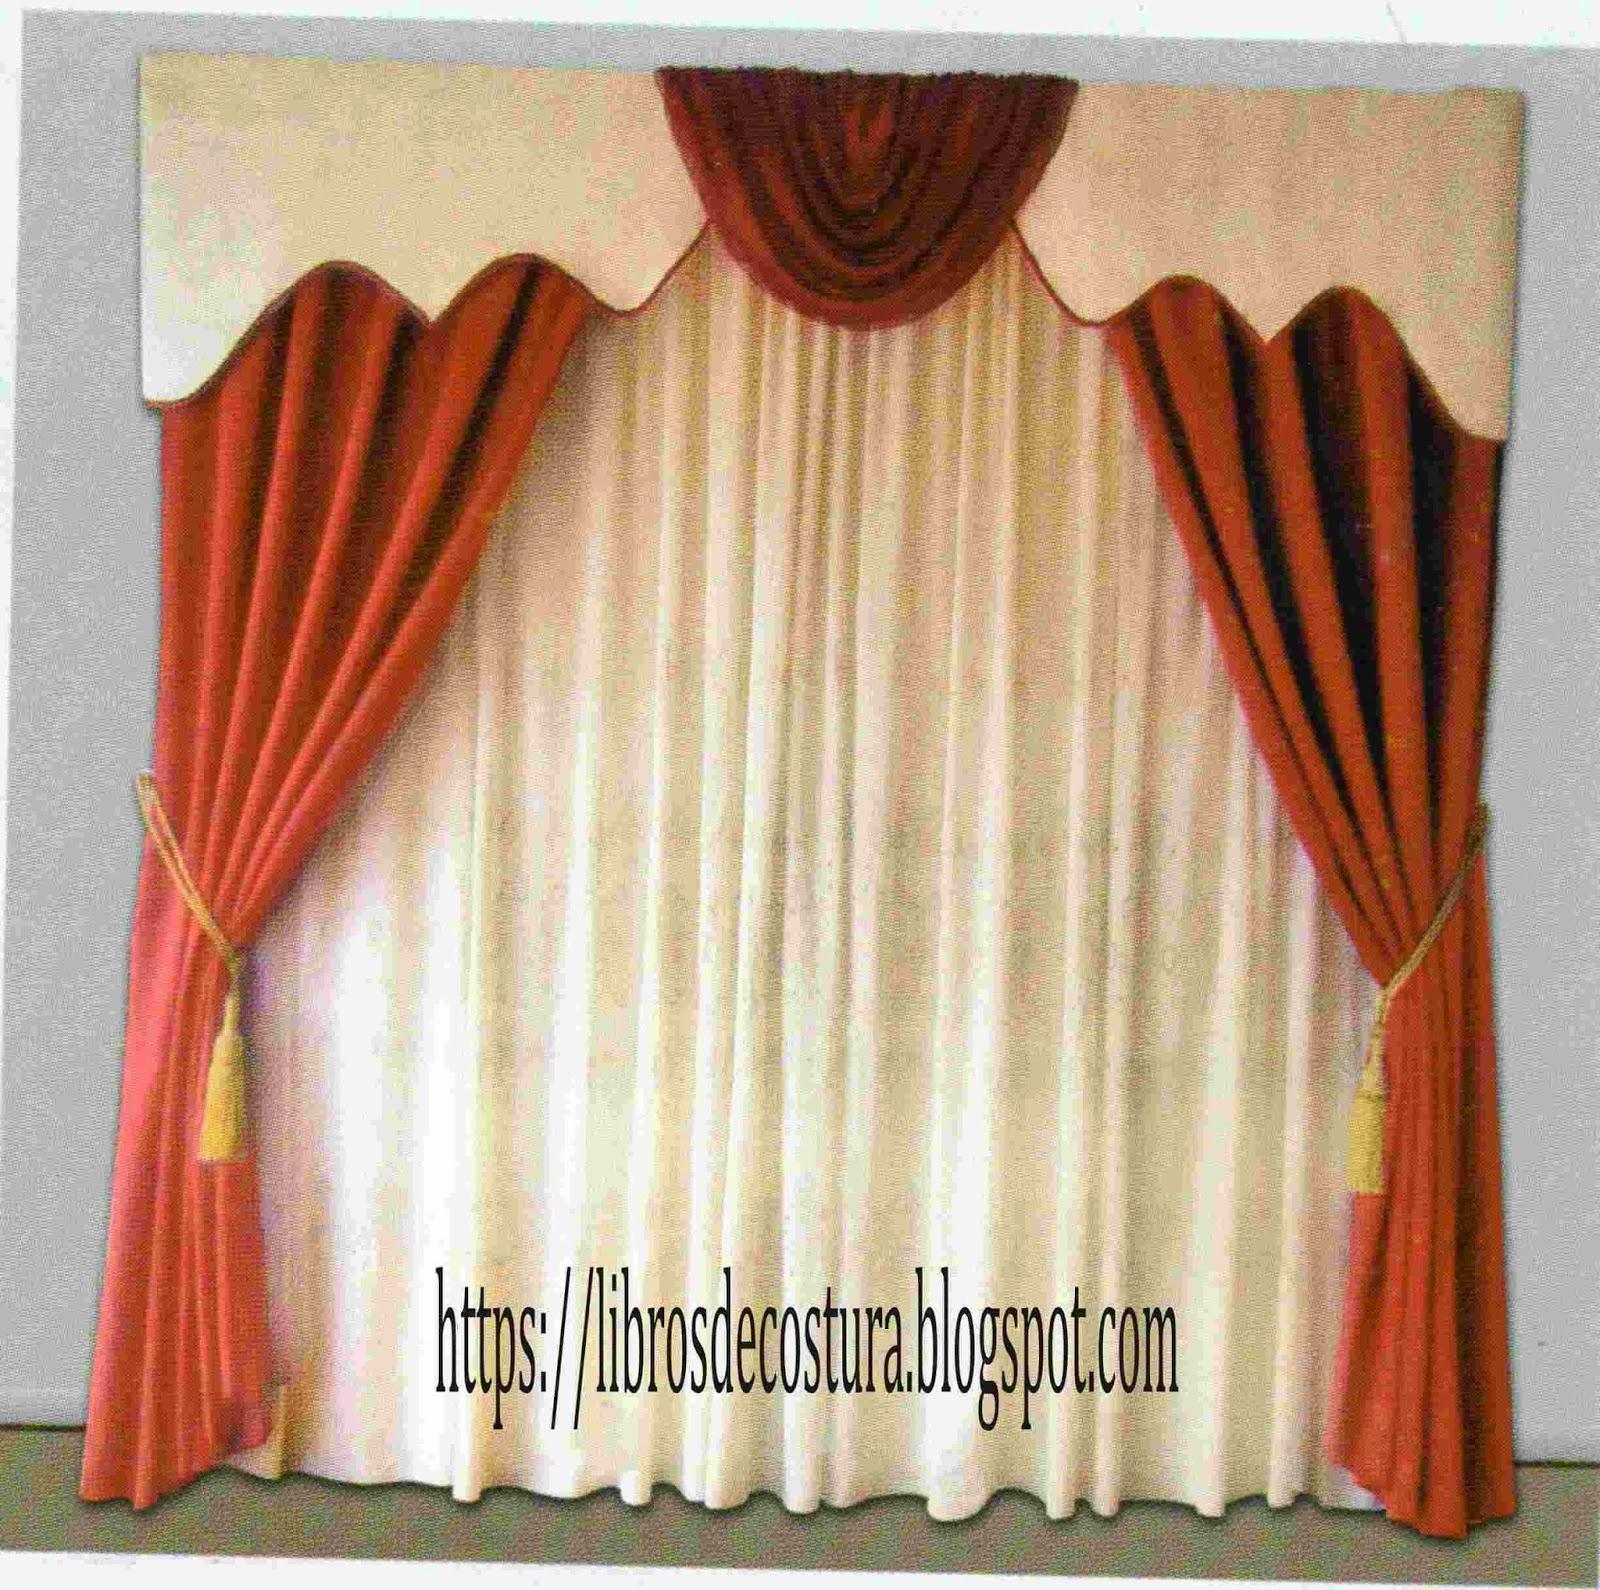 Ver dise os de cortinas para cocina casa dise o casa for Disenos de cortinas